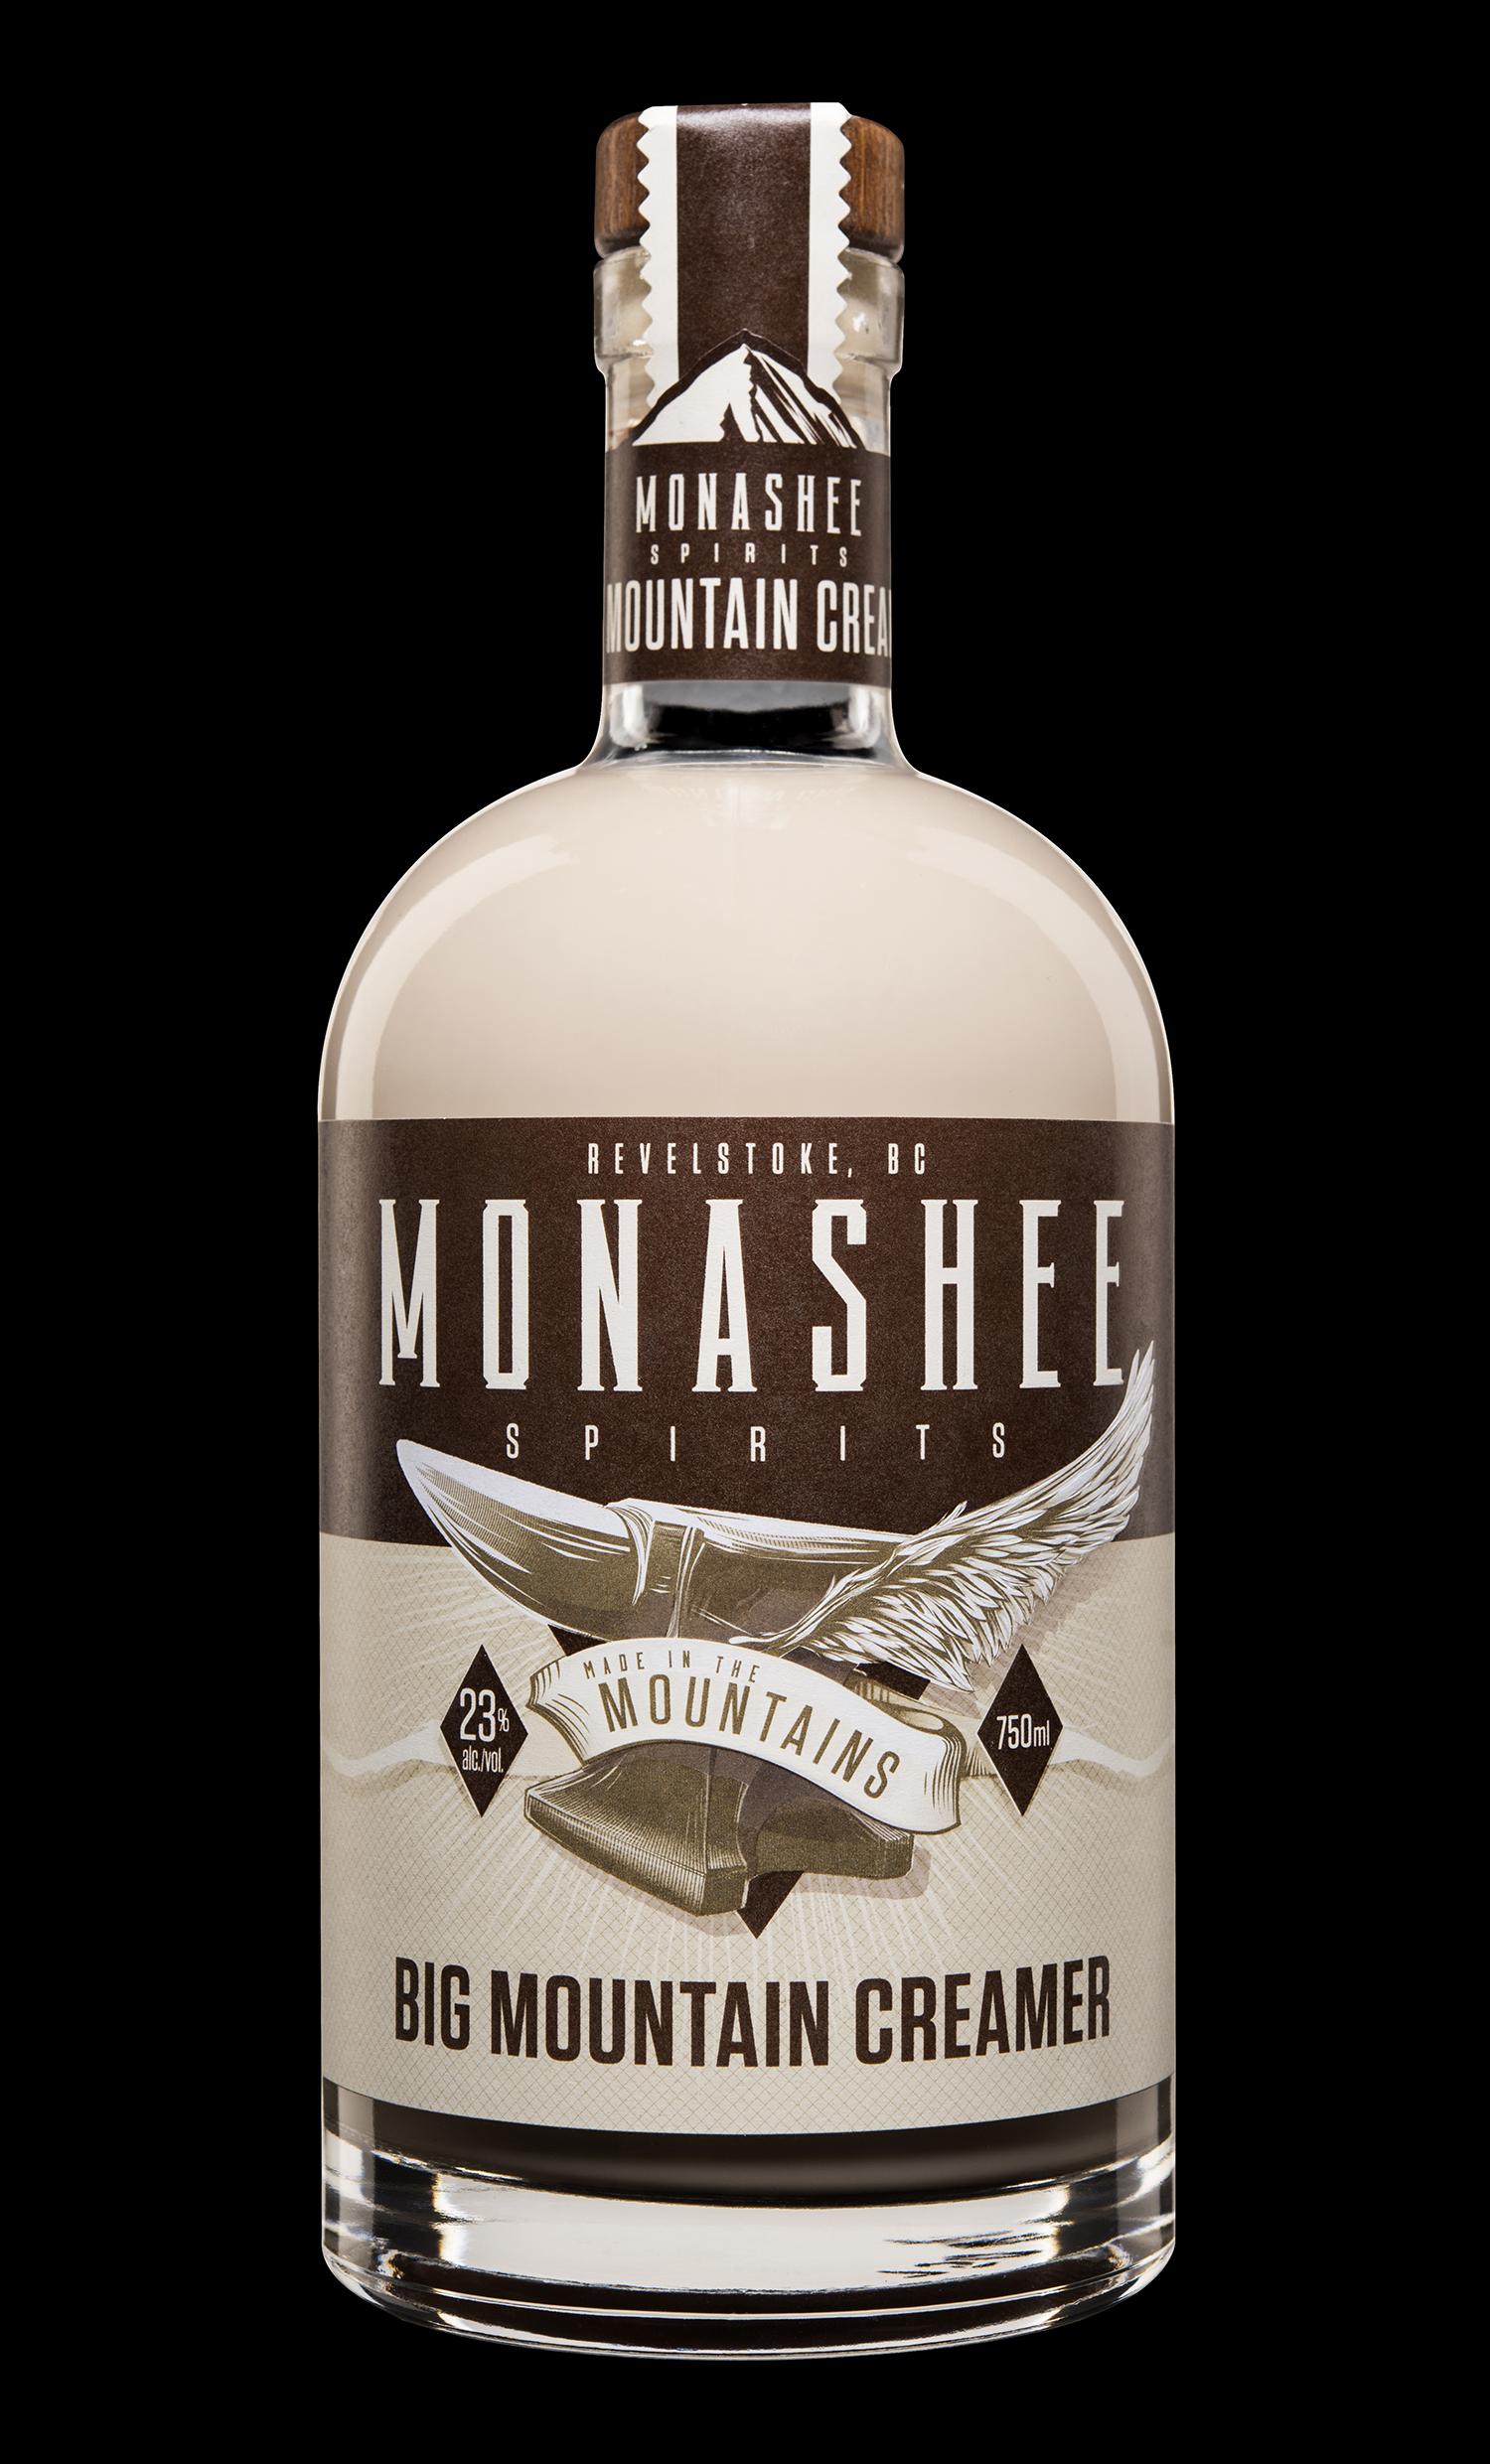 Branding and Packaging Design for Monashee Spirits